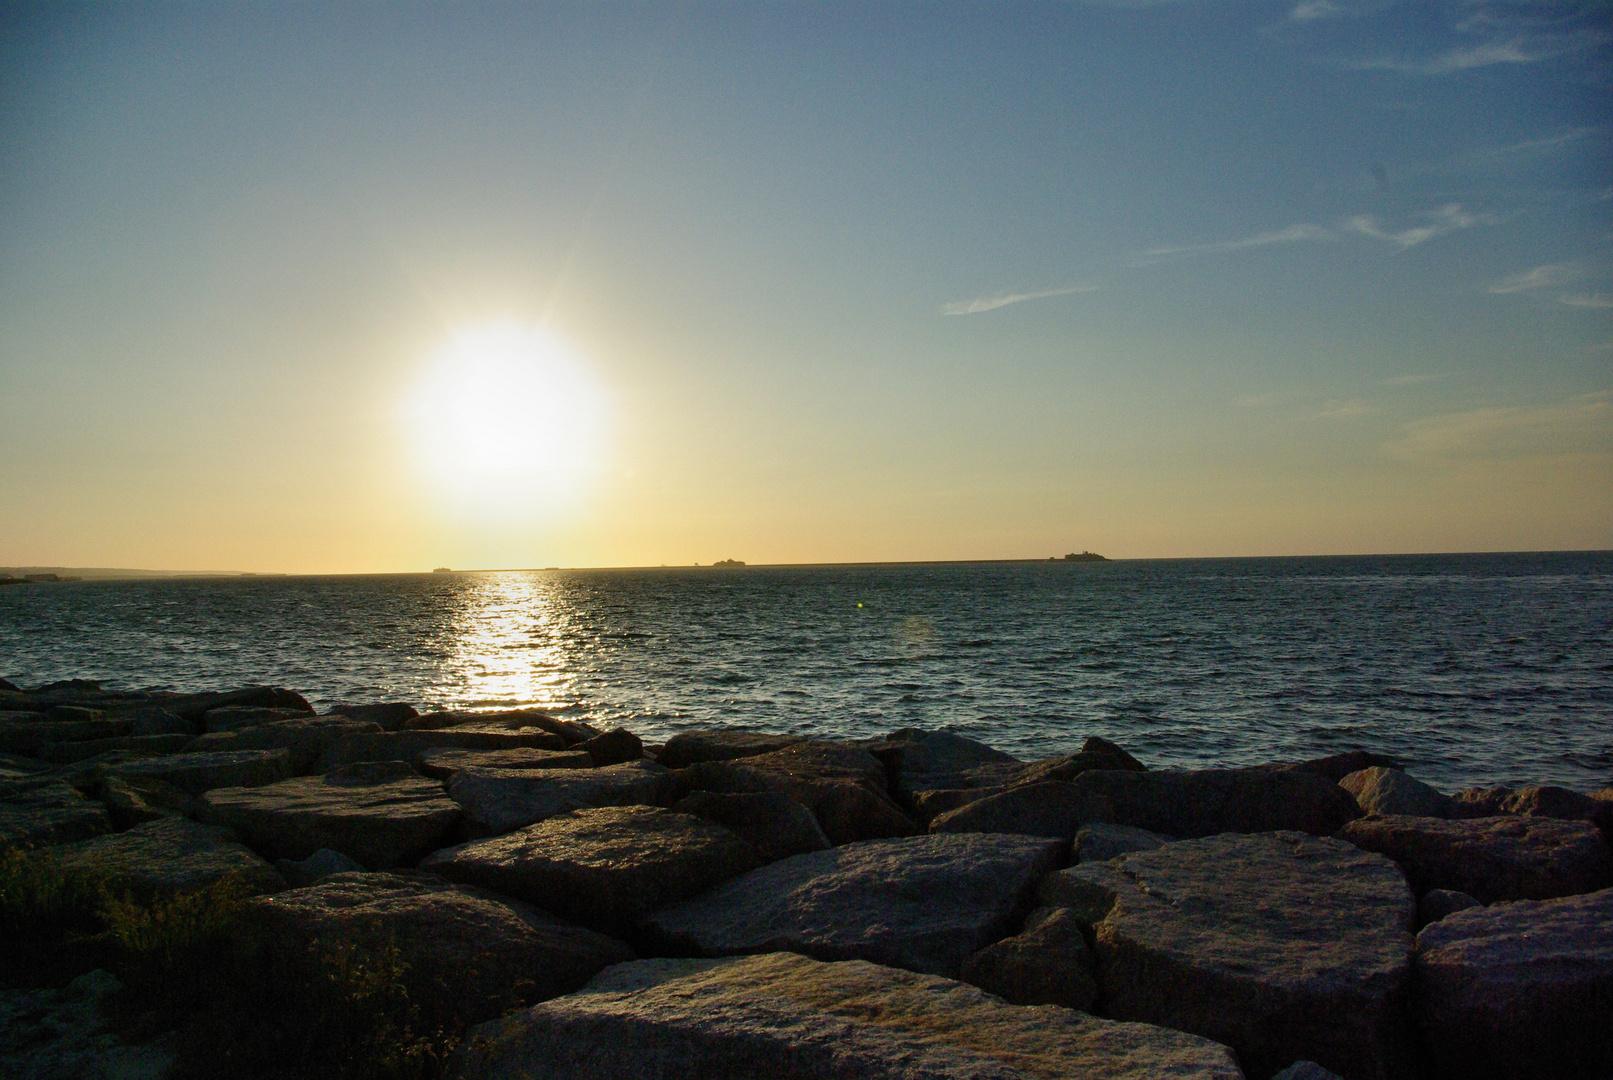 début du coucher de soleil